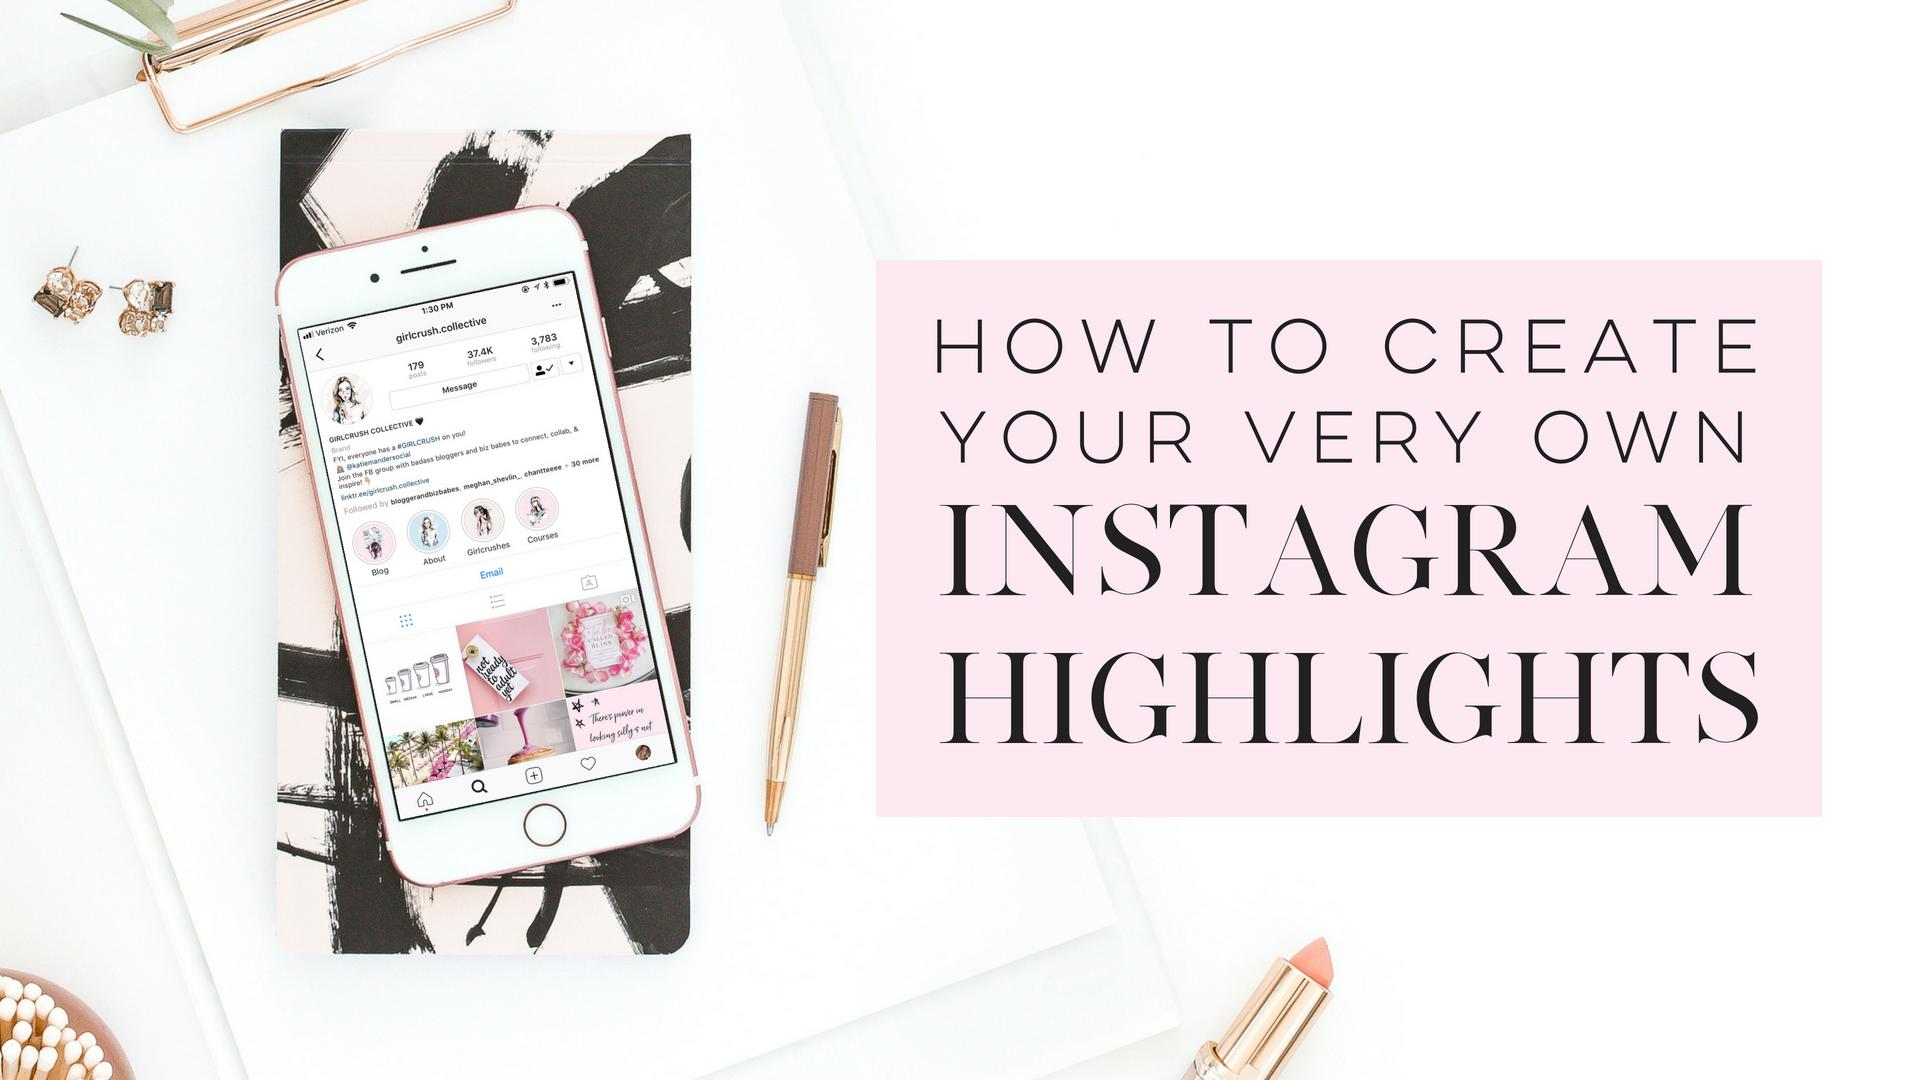 Instagram highlights diy